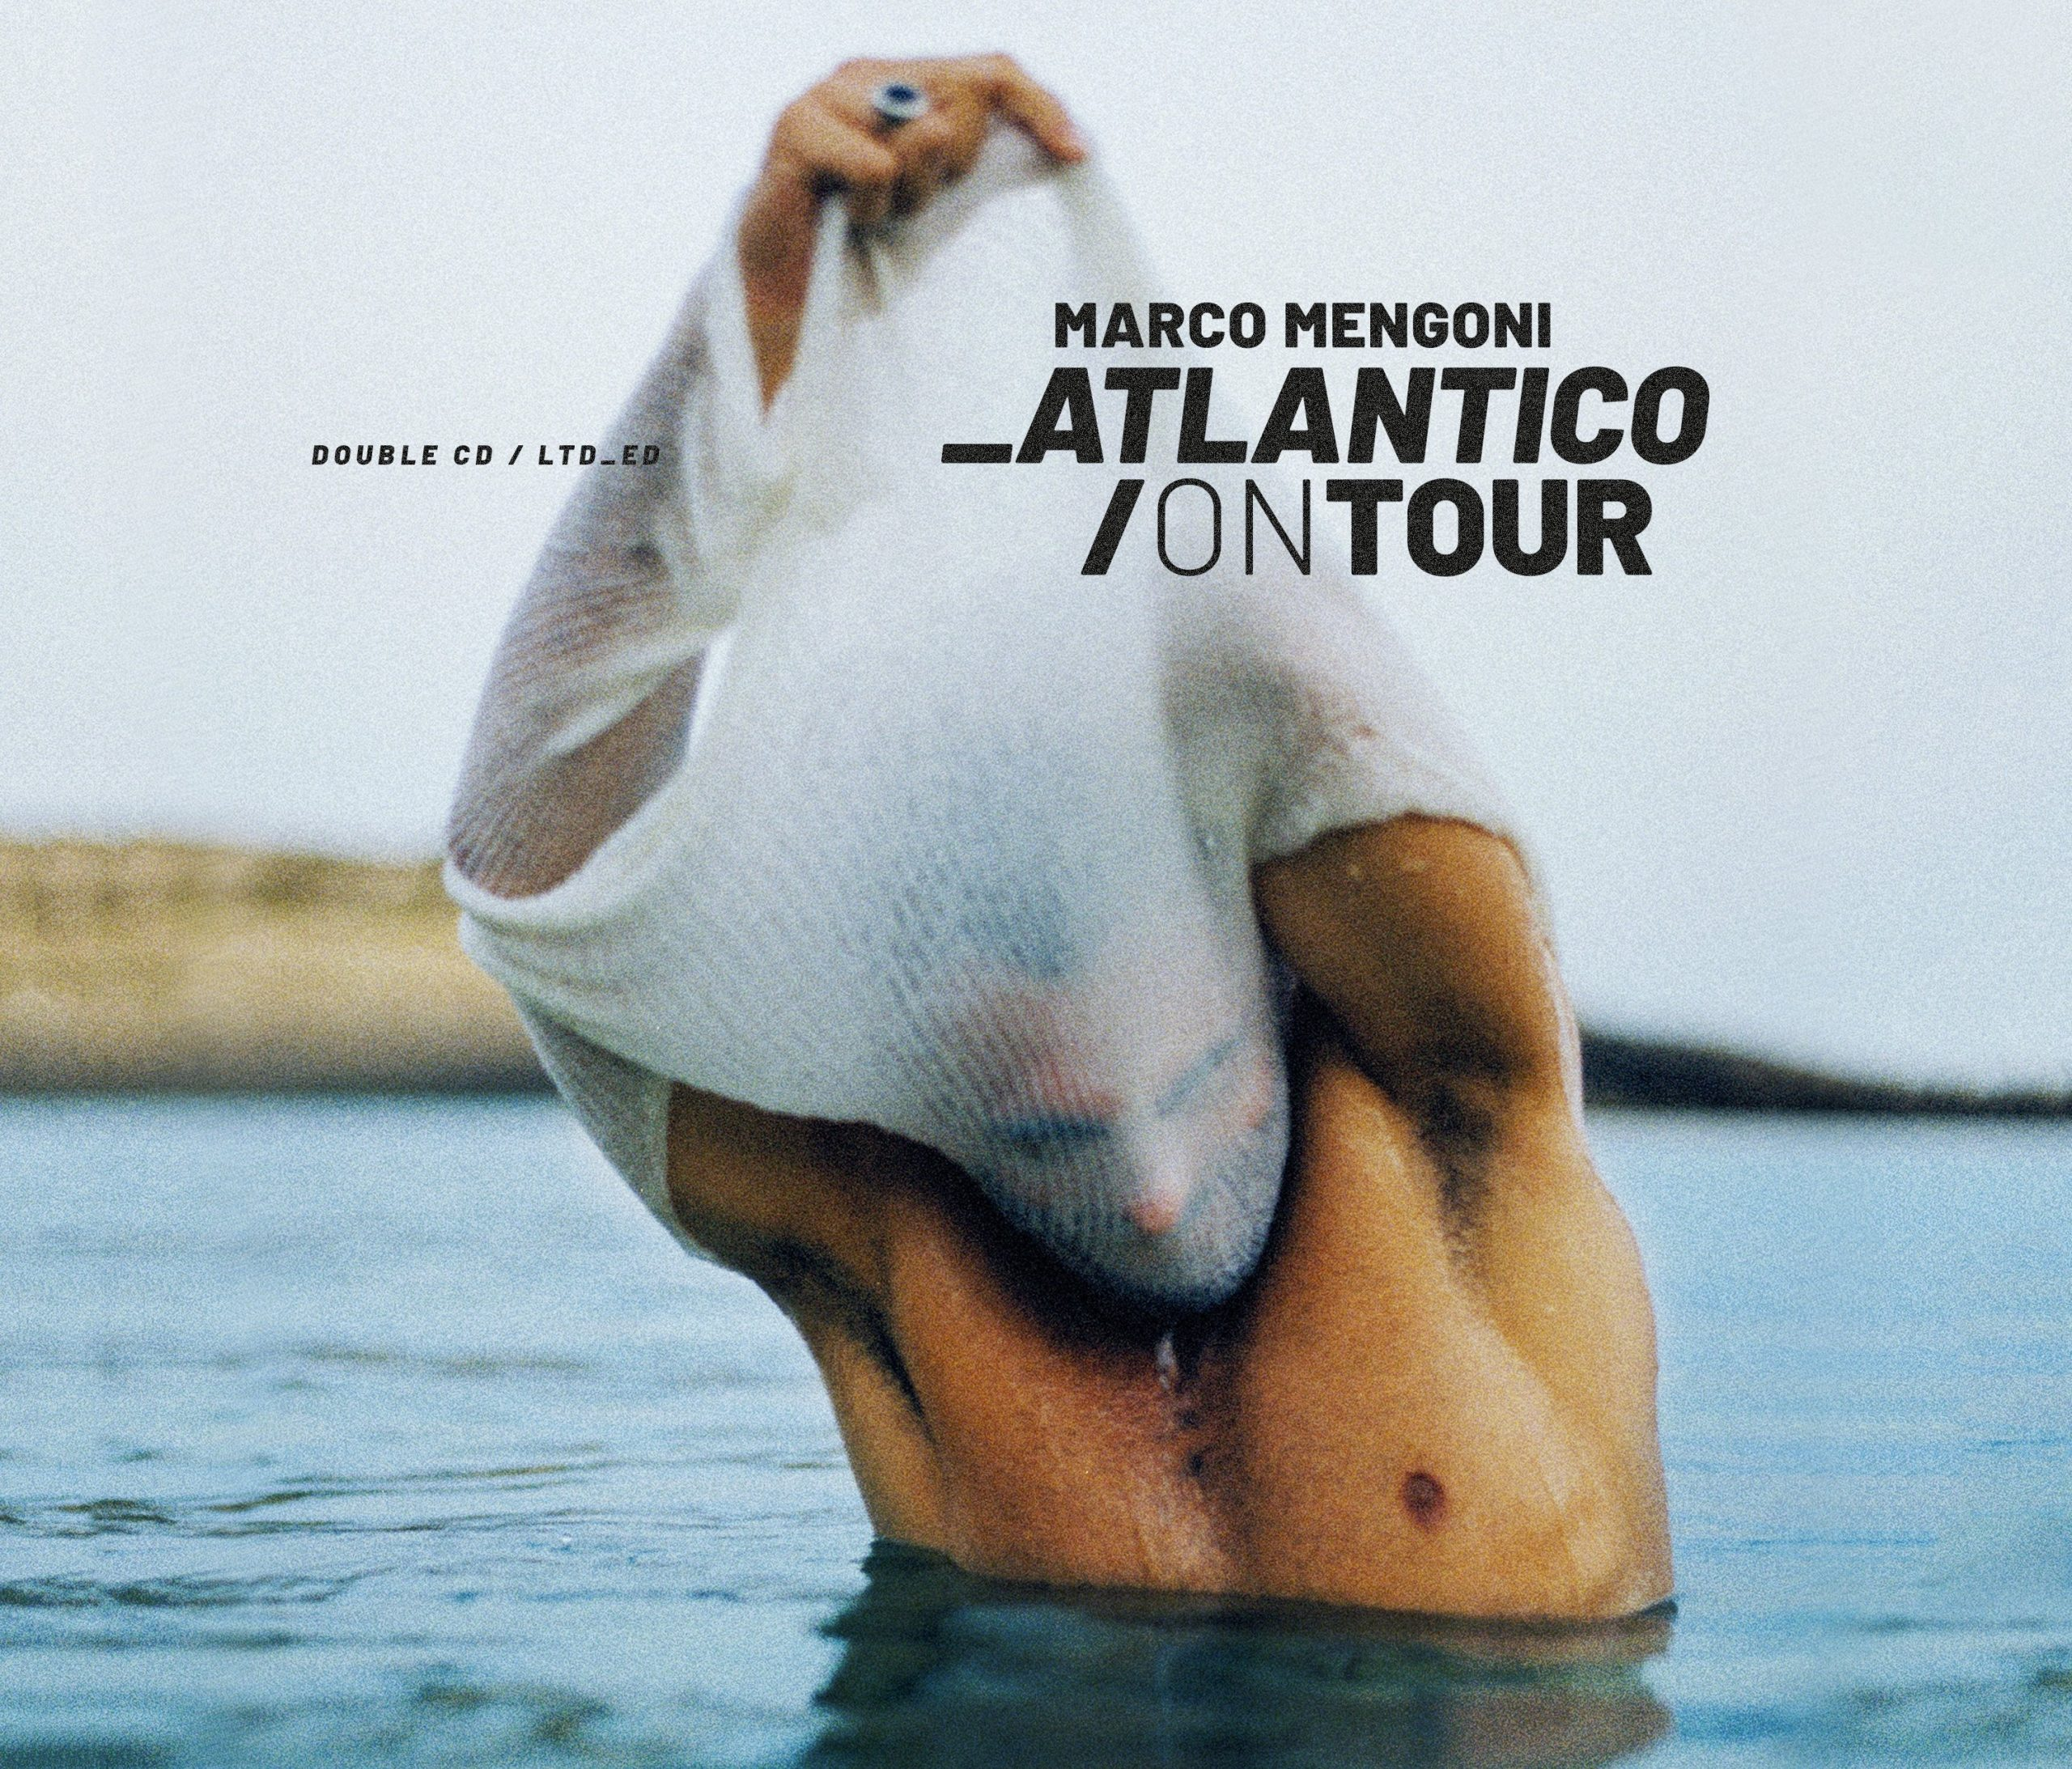 ARTÍCULO | Atlantico On Tour, el nuevo álbum de Marco Mengoni